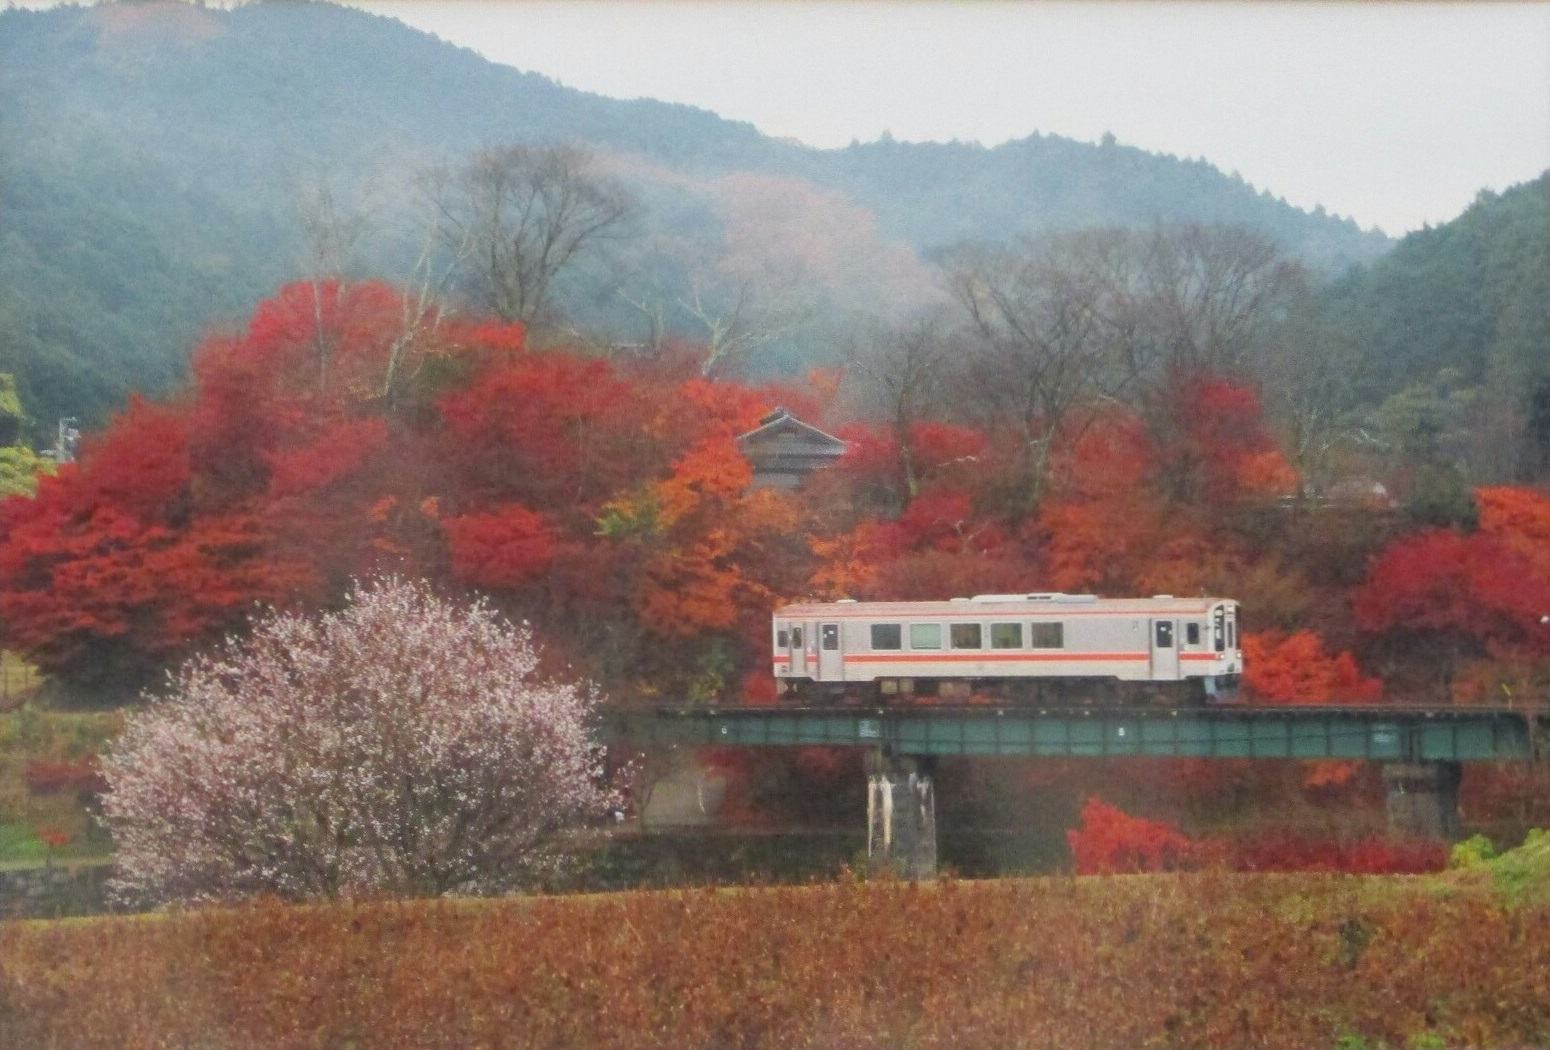 2019.4.27 (7-1) 安祥フォトサークル写真展 - 晩秋のやまざと 1550-1050